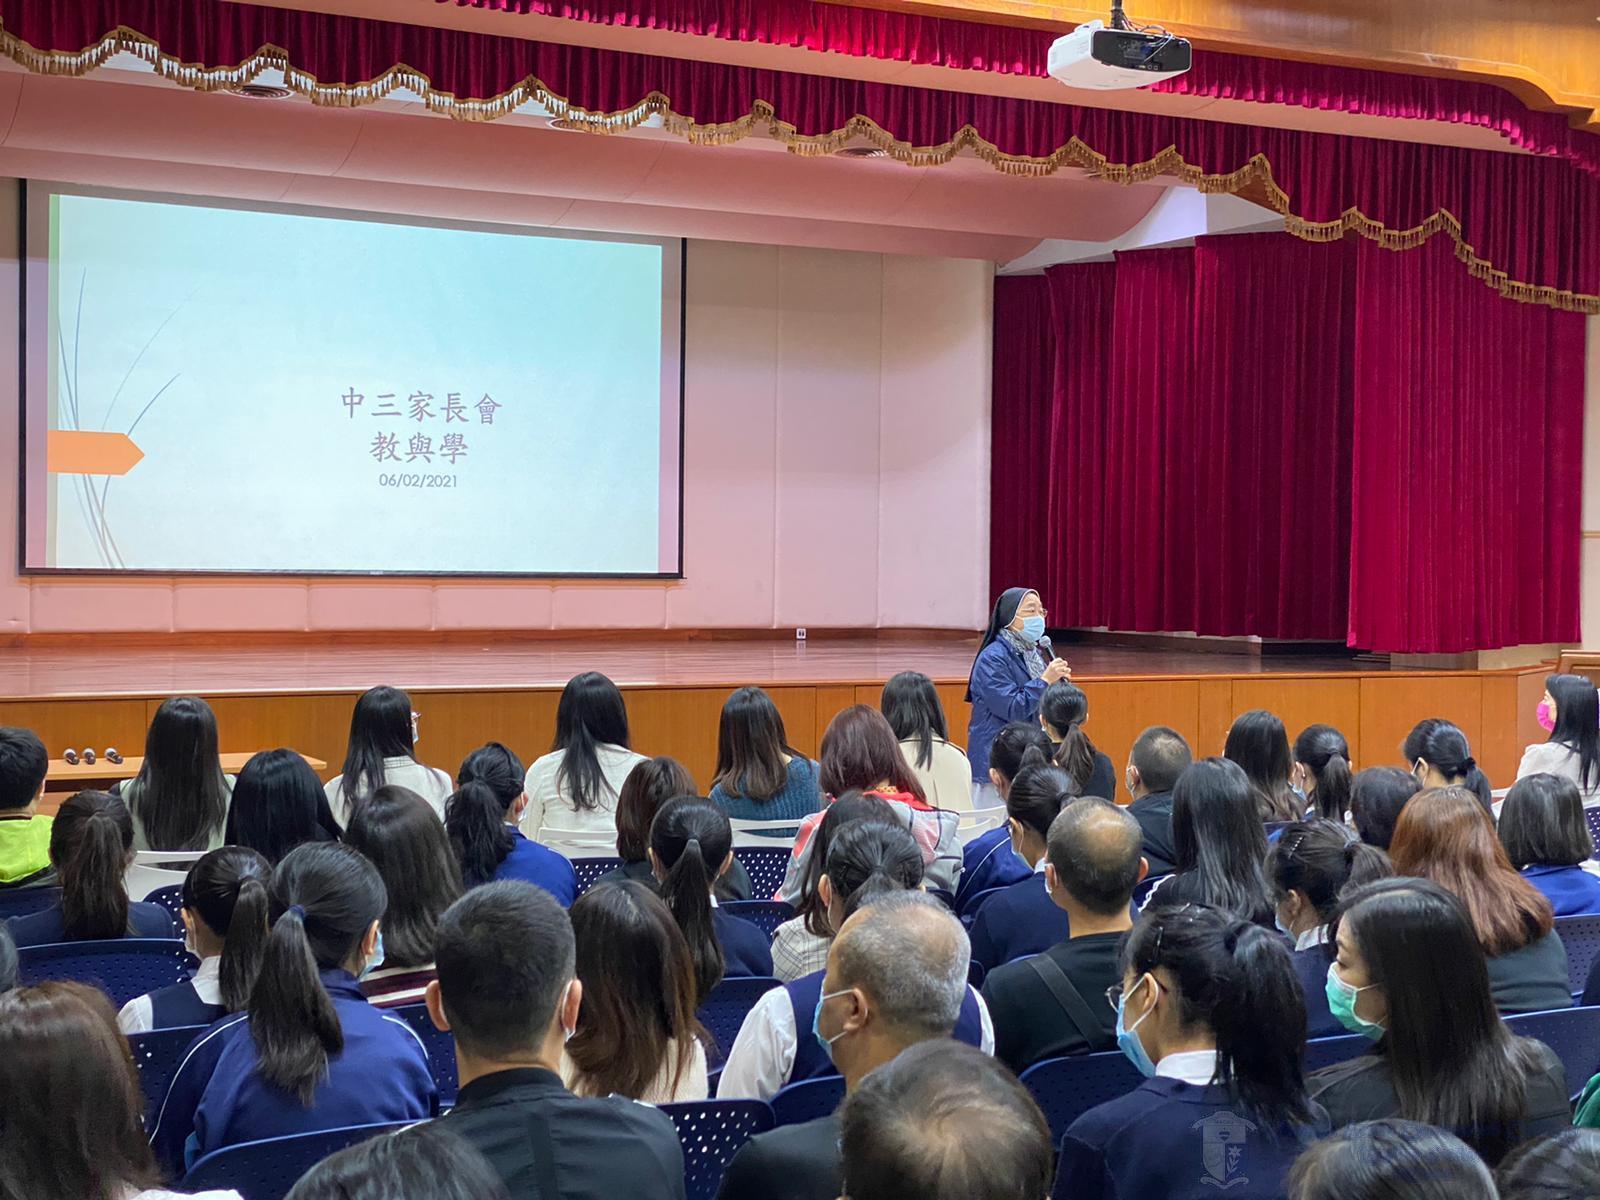 校長余修女勸勉同學要有一顆認真聆聽父母教導的心,多與父母溝通